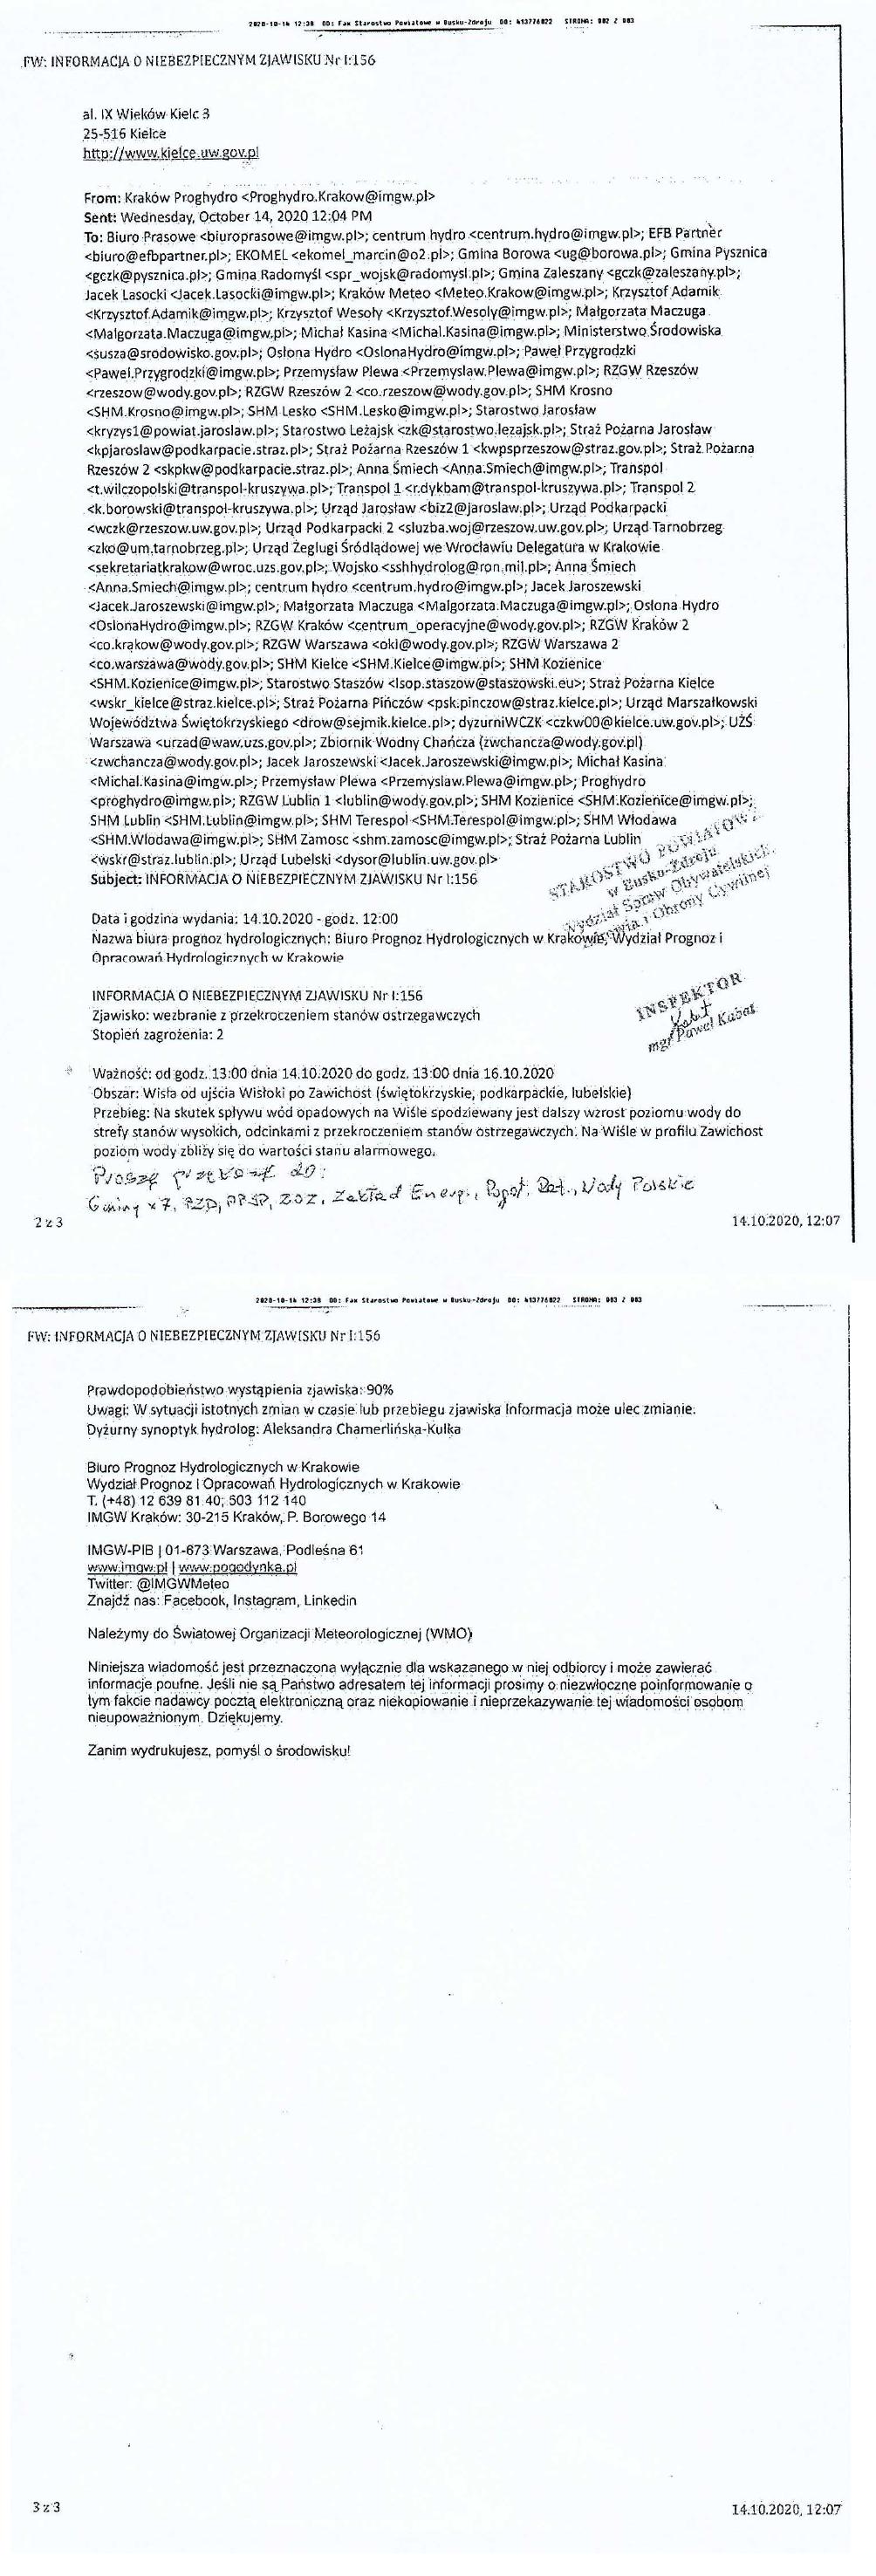 informacja_niebezpieczne_zjawisko_nr_I_156.png